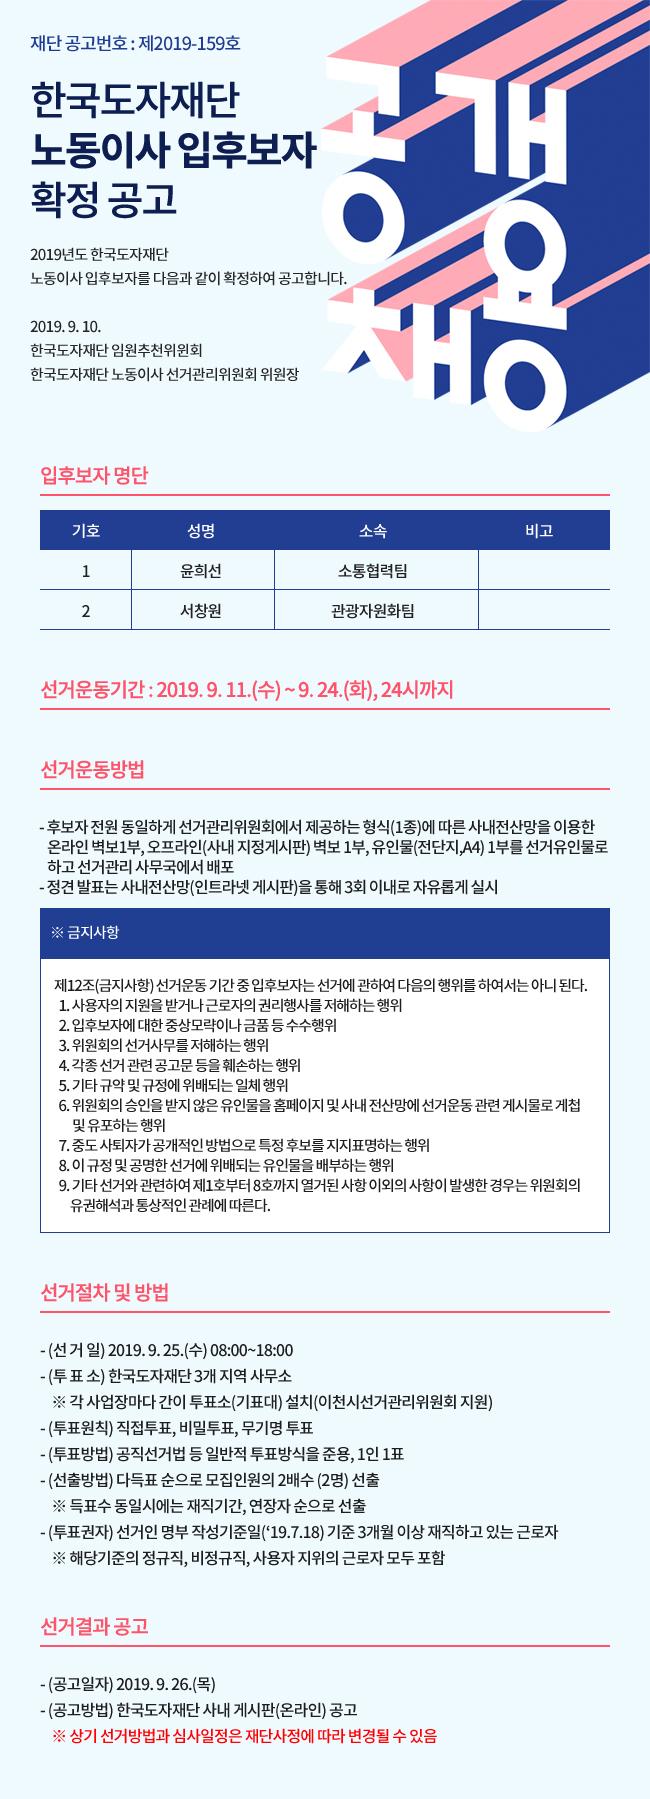 한국도자재단 노동이사 입후보자 확정 공고